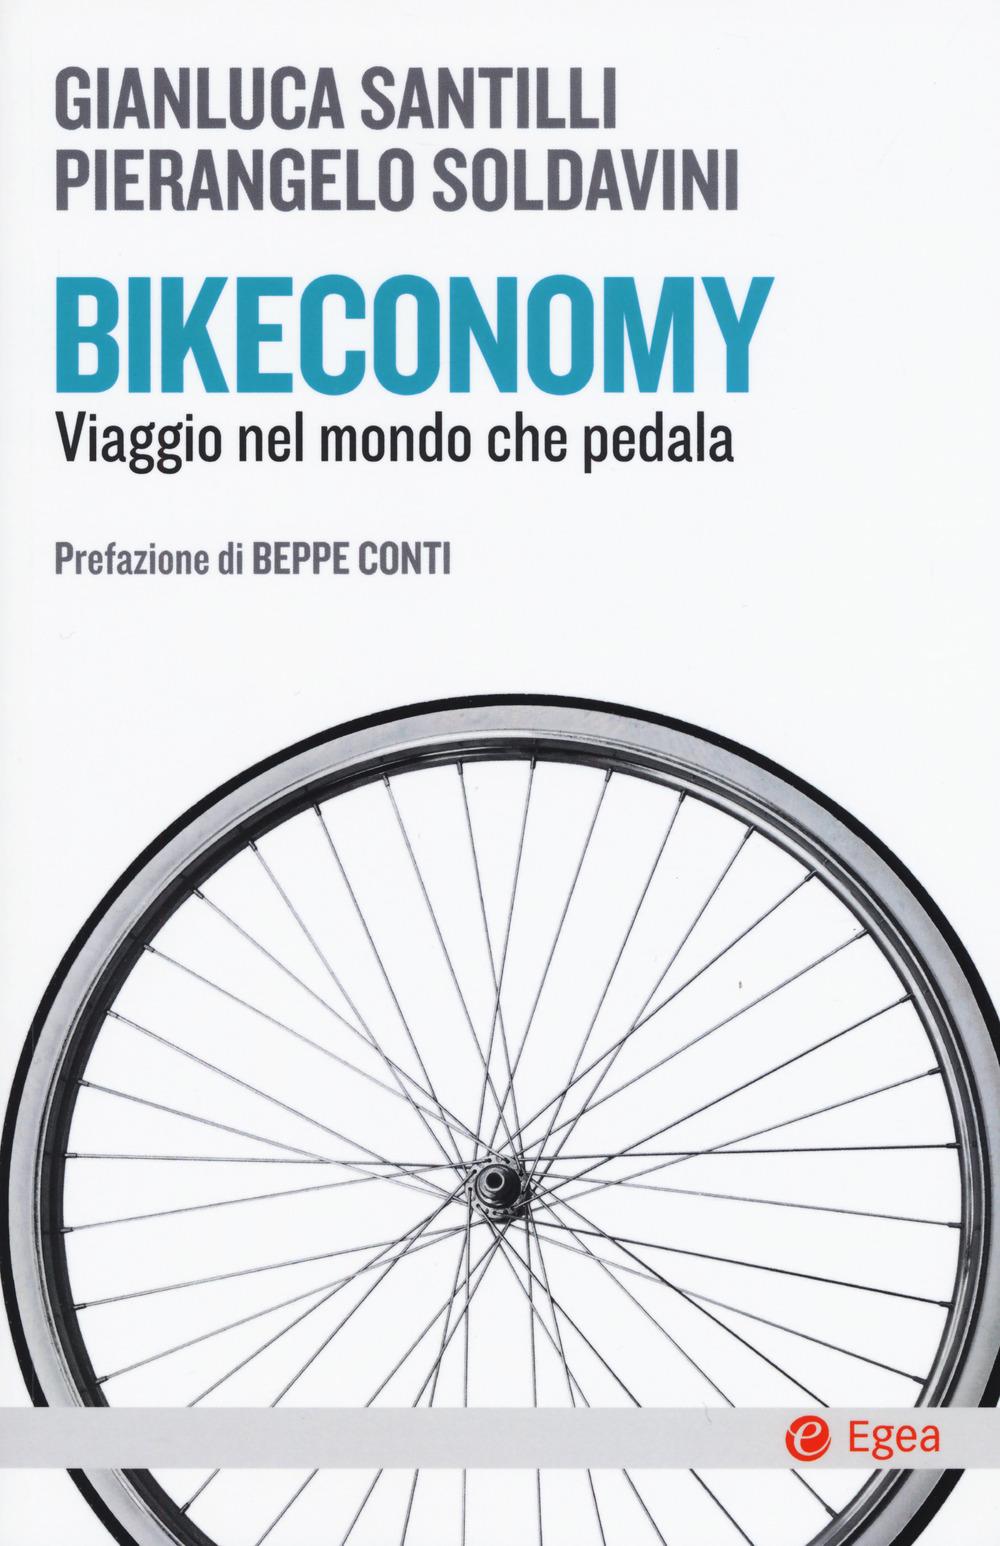 Gianluca Santilli;Pierangelo Soldavini Bikeconomy. Viaggio nel mondo che pedala Gianluca Santilli;Pierangelo Soldavini ISBN:9788823837416